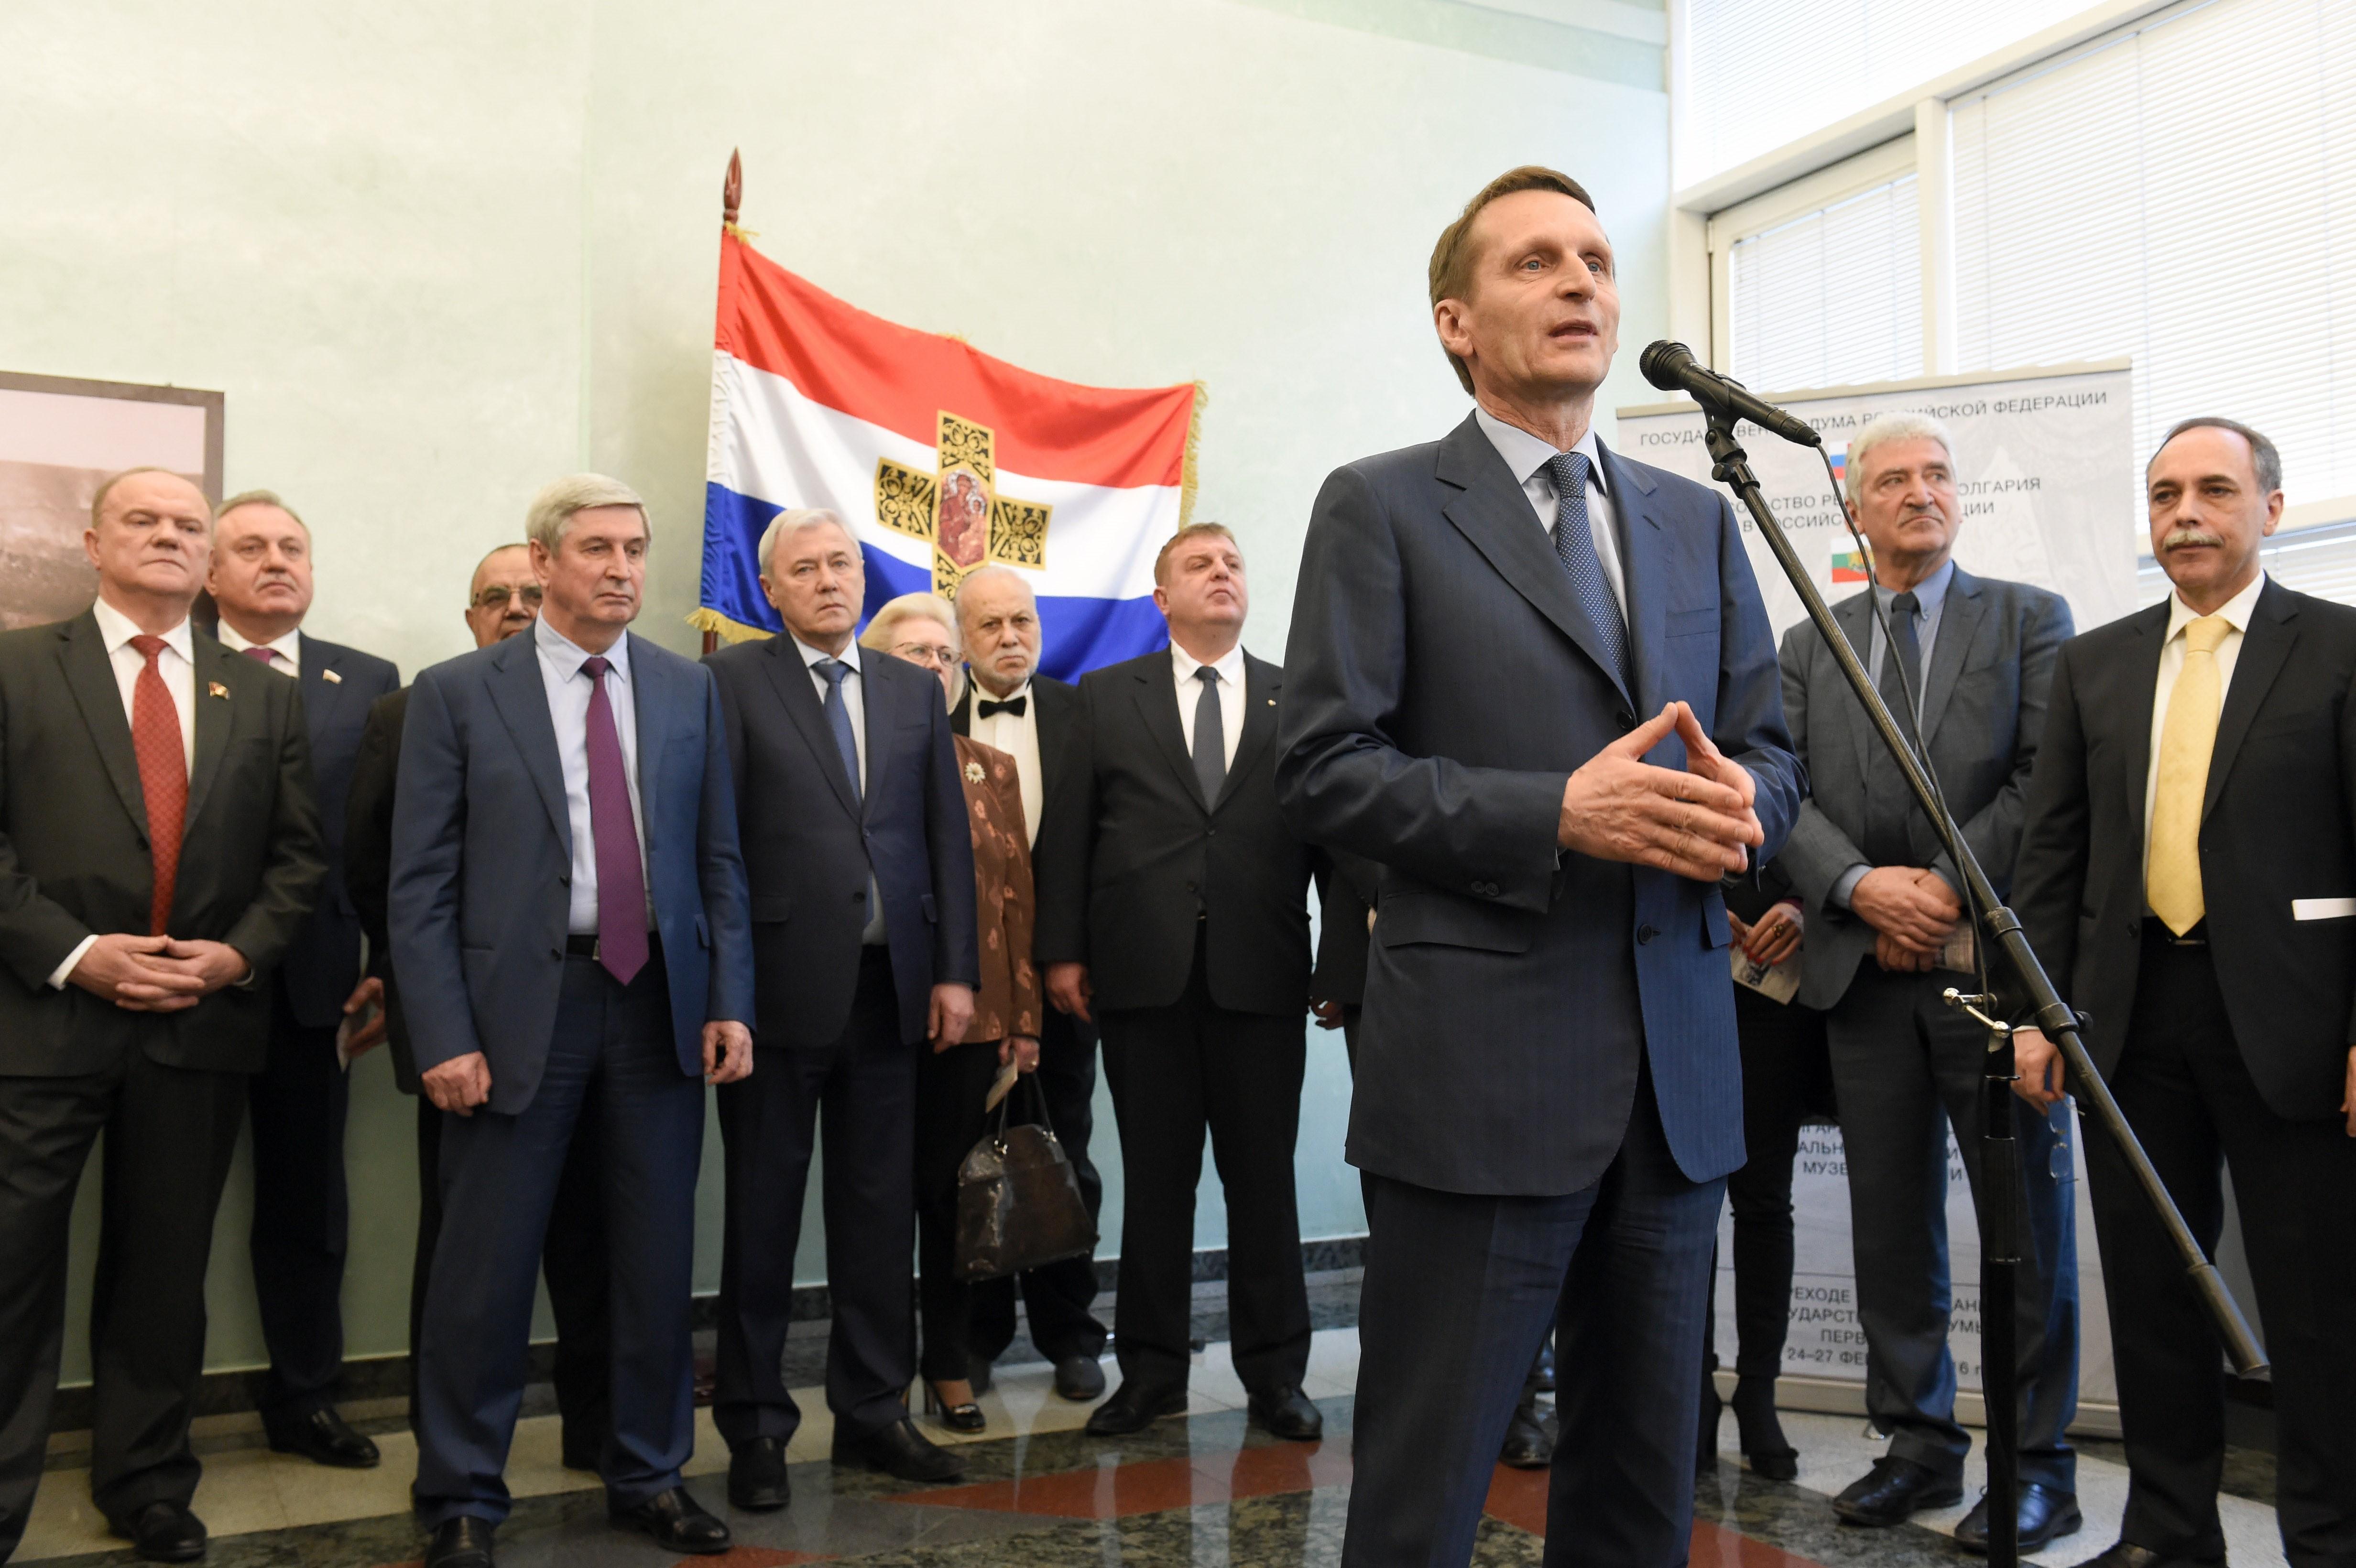 Събитието беше открито от председателя на руския парламент Сергей Наришкин. / Поздравително слово на Сергей Наришкин.